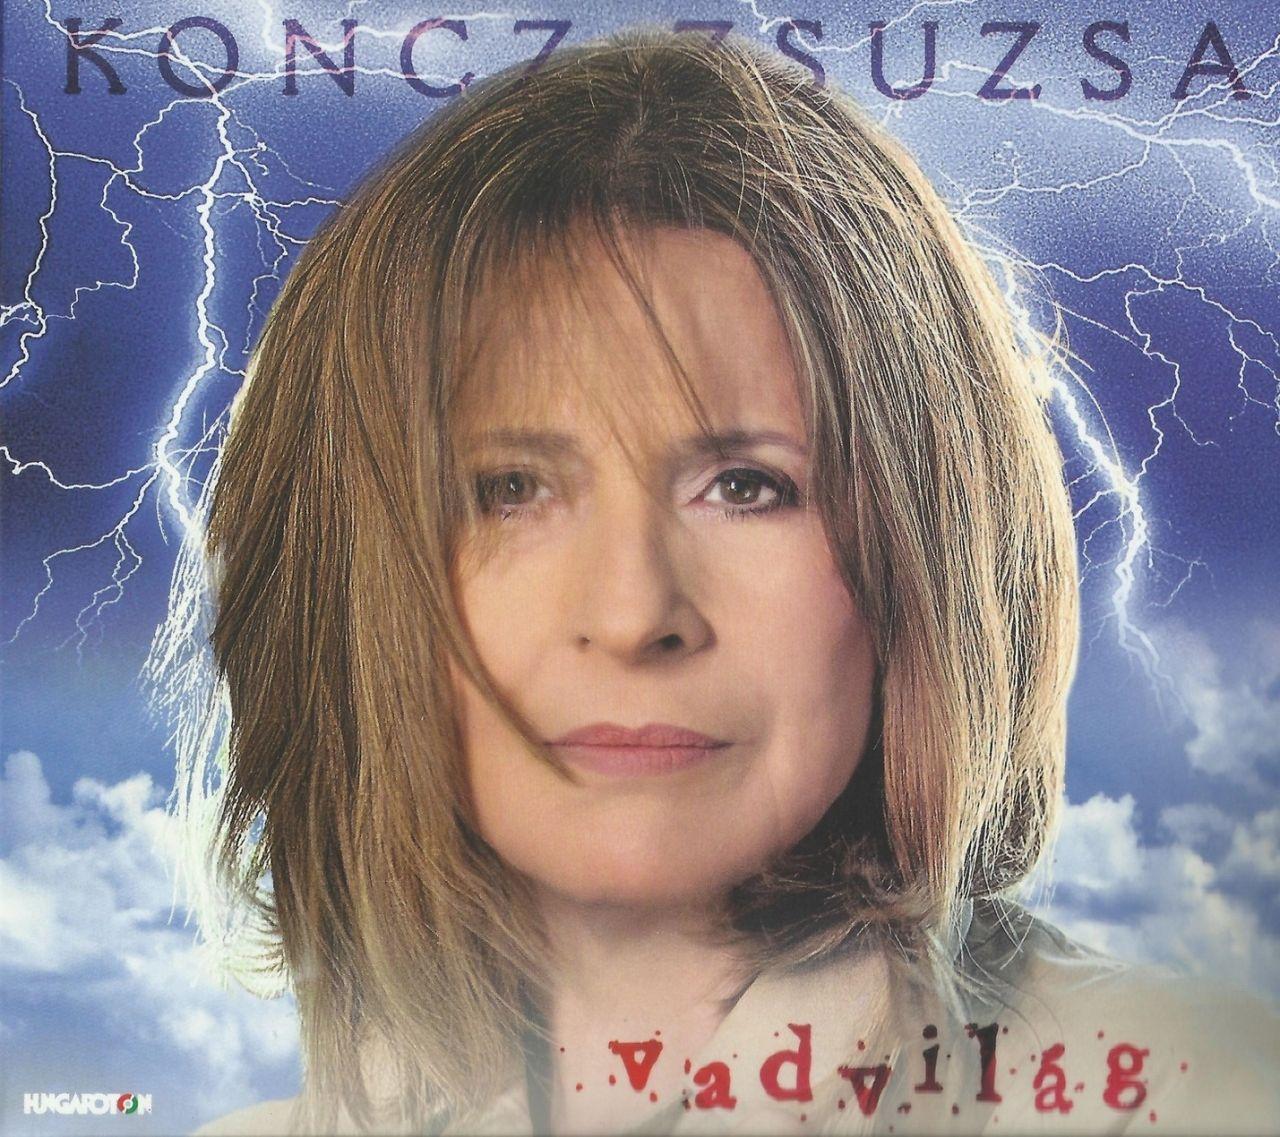 Koncz Zsuzsa: Vadvilág (CD)